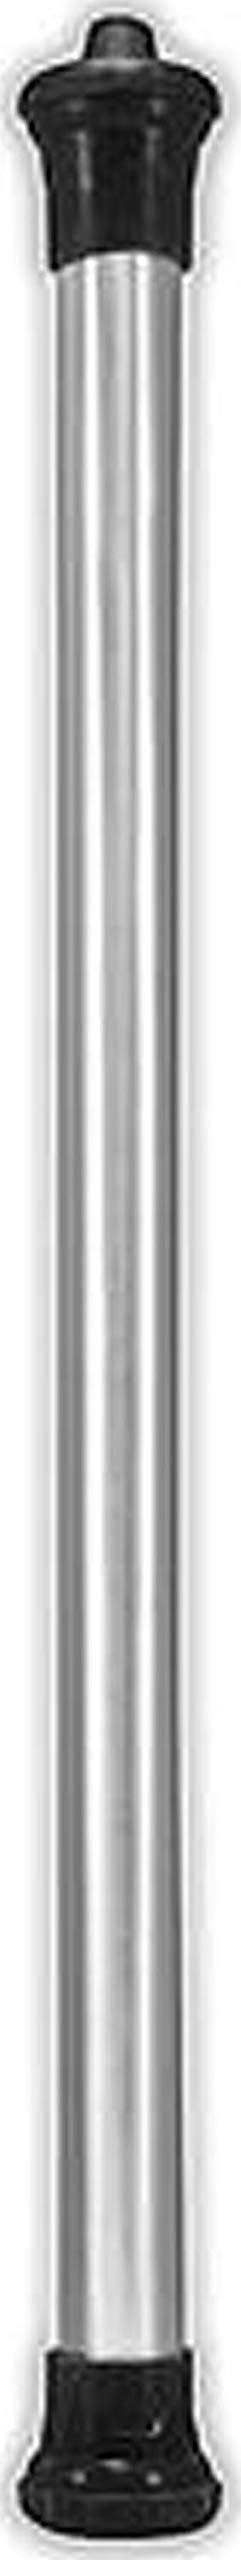 Aquatop Aquatic Supplies-Titanium Aquarium Heater 1000 Watt